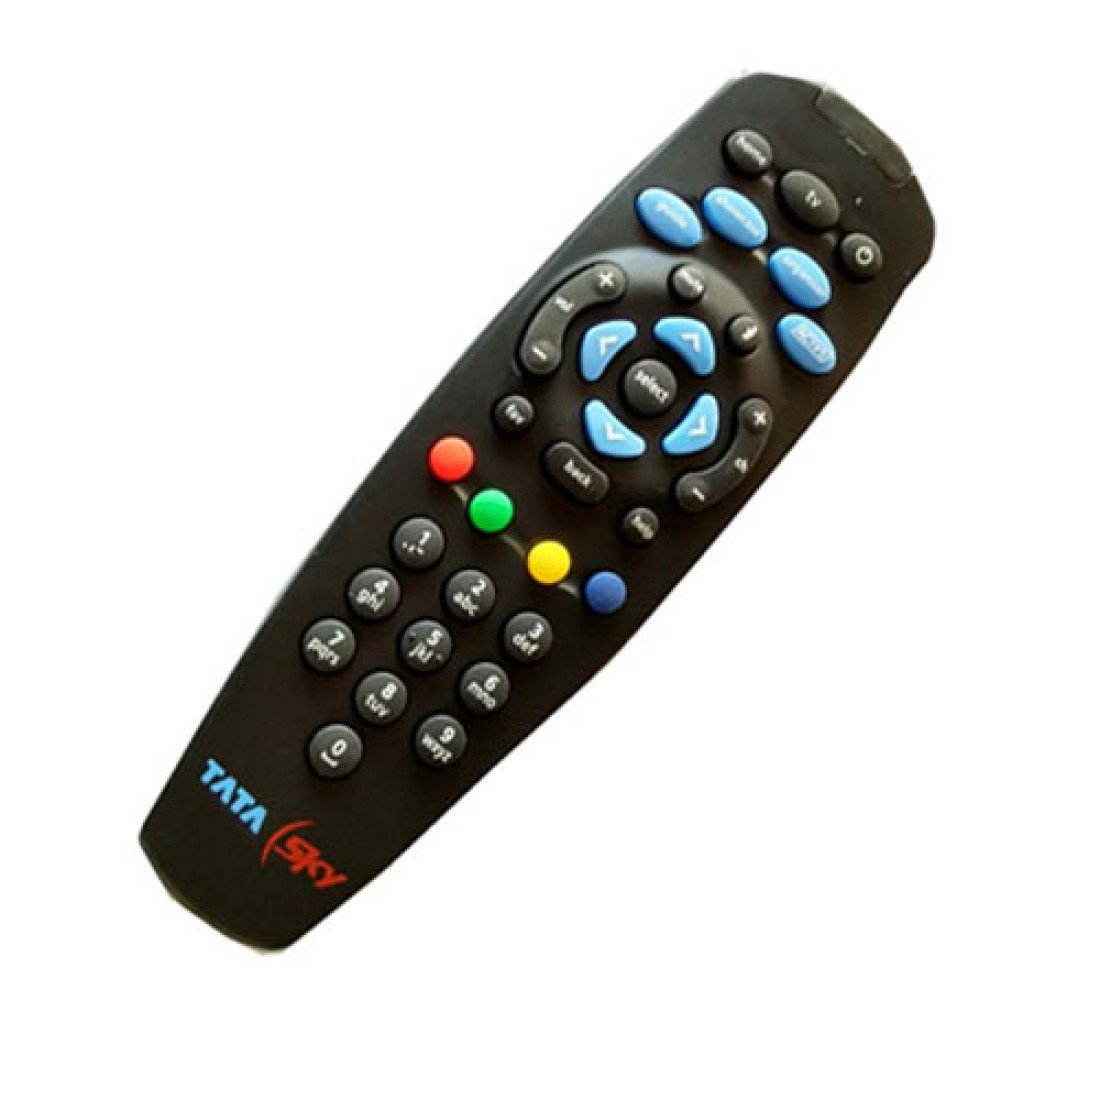 Tata Sky Original Remote Controller